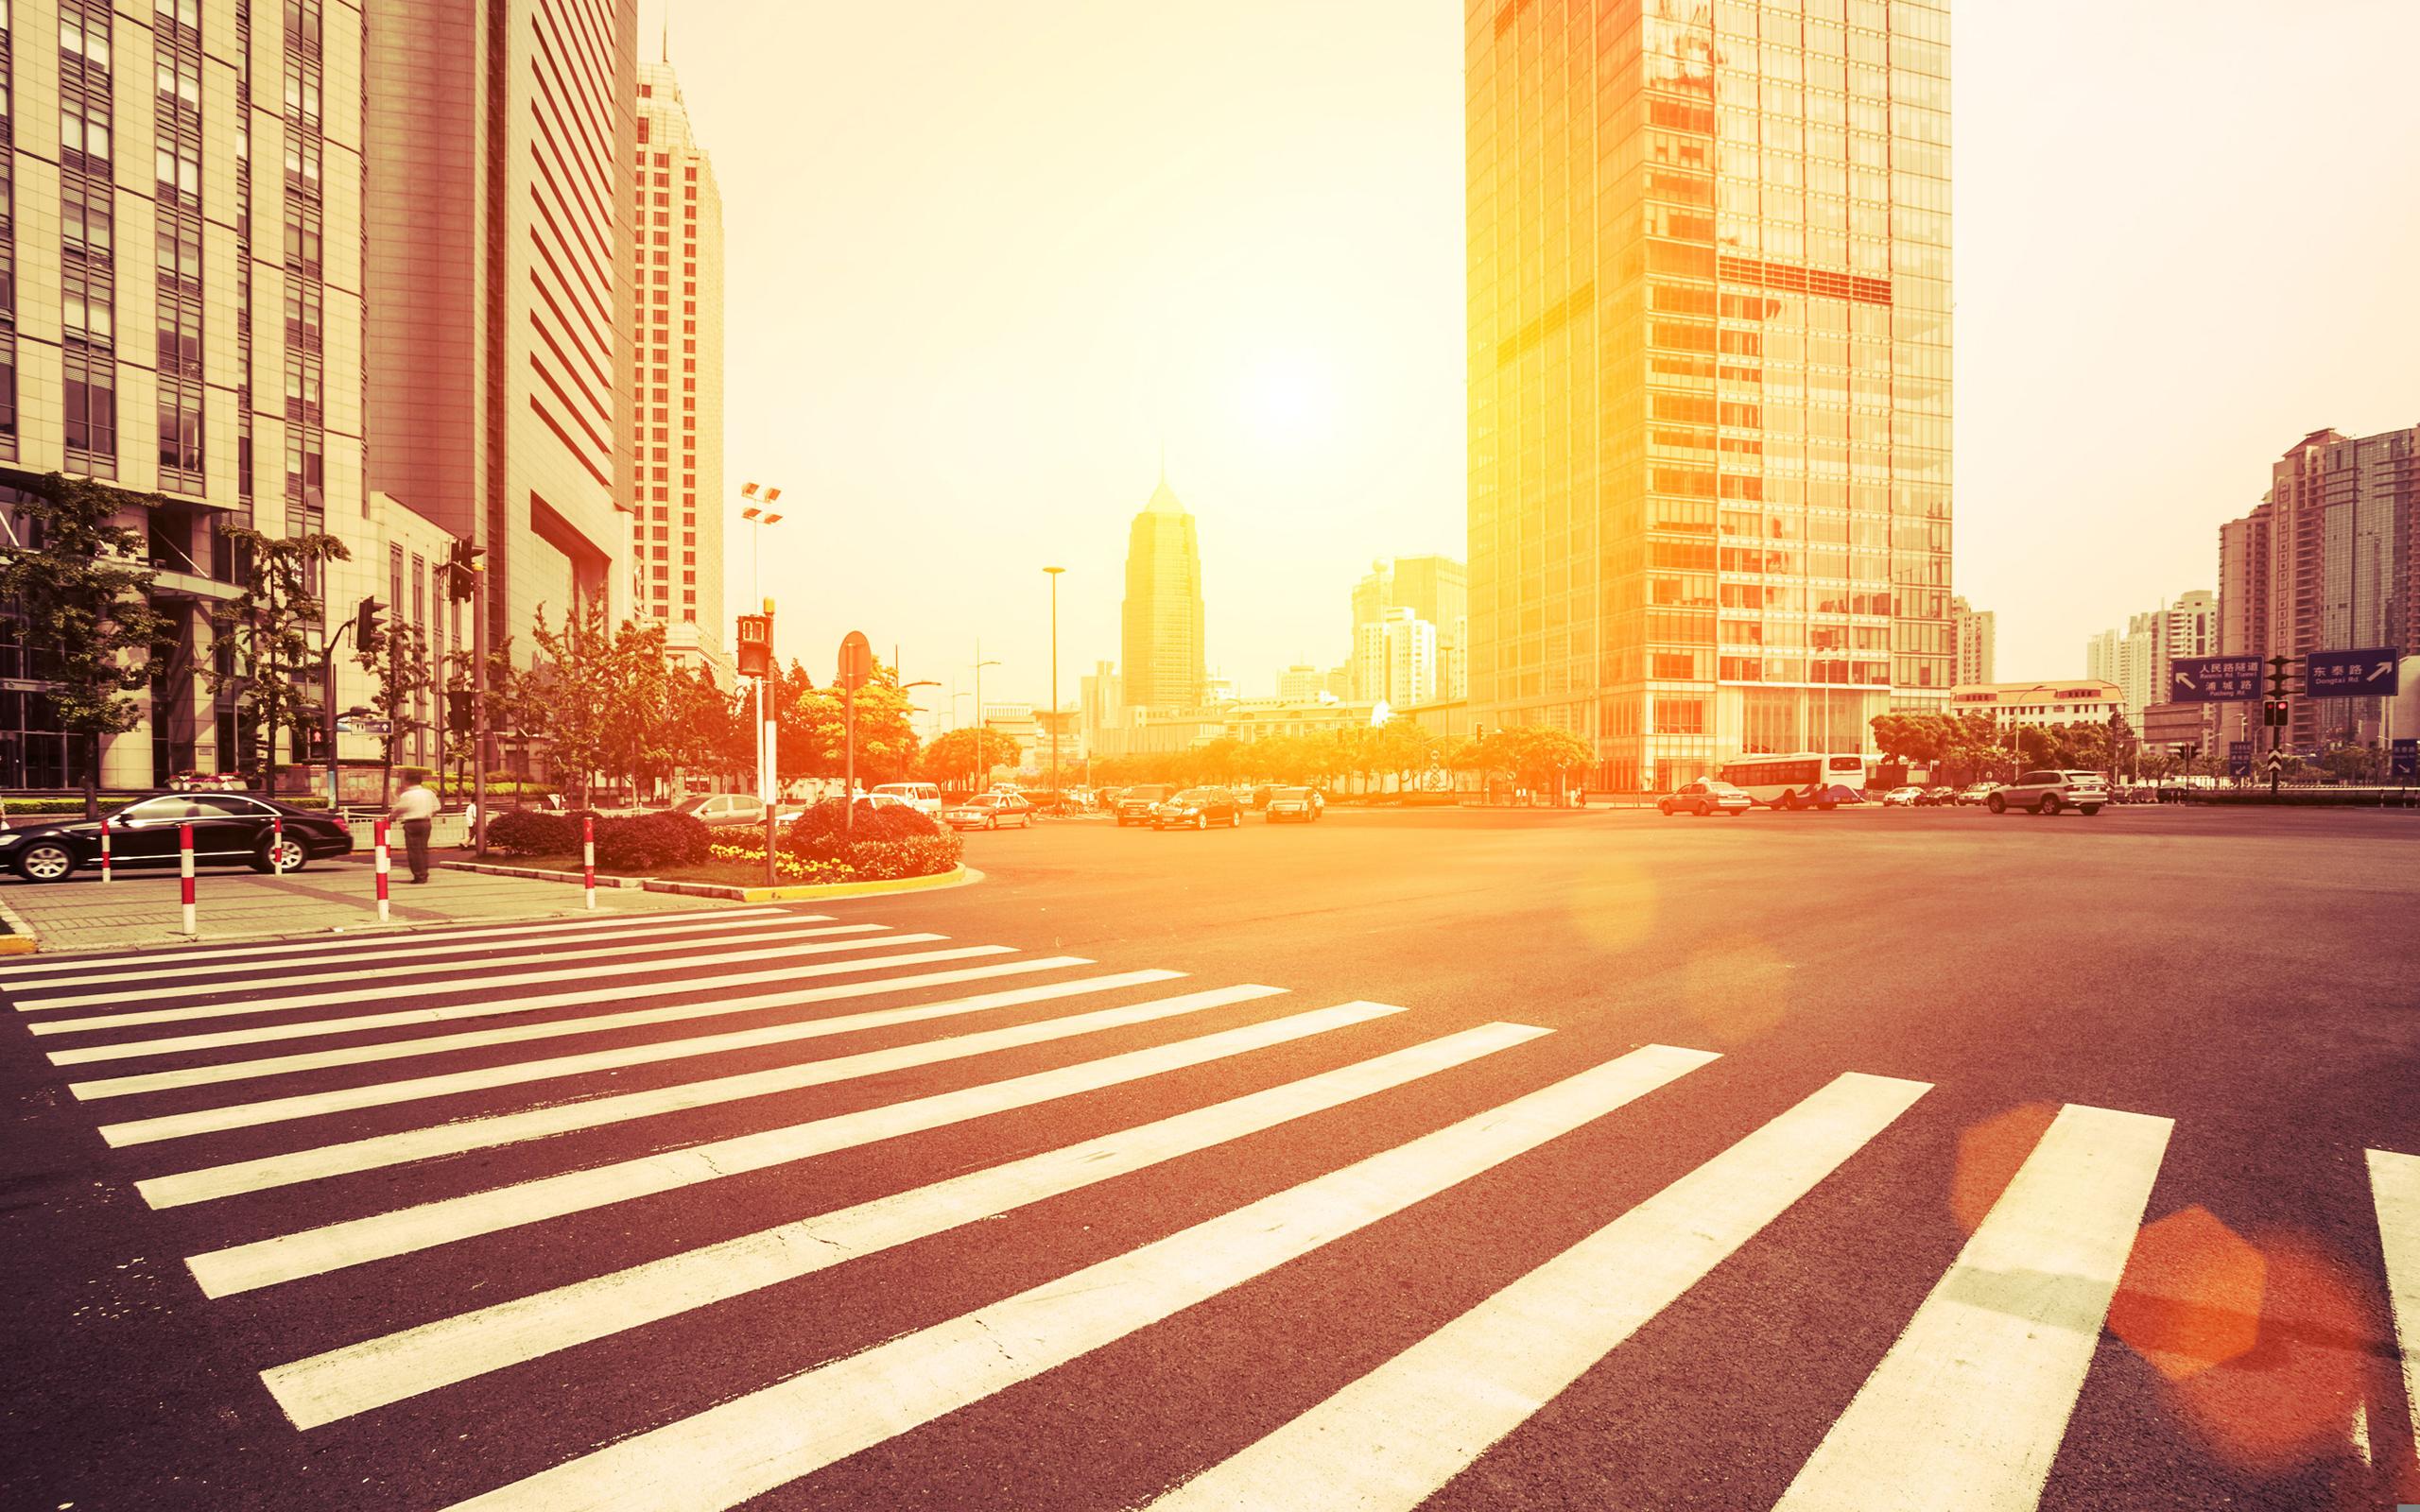 пешеходный переход красный свет  № 1504866 загрузить